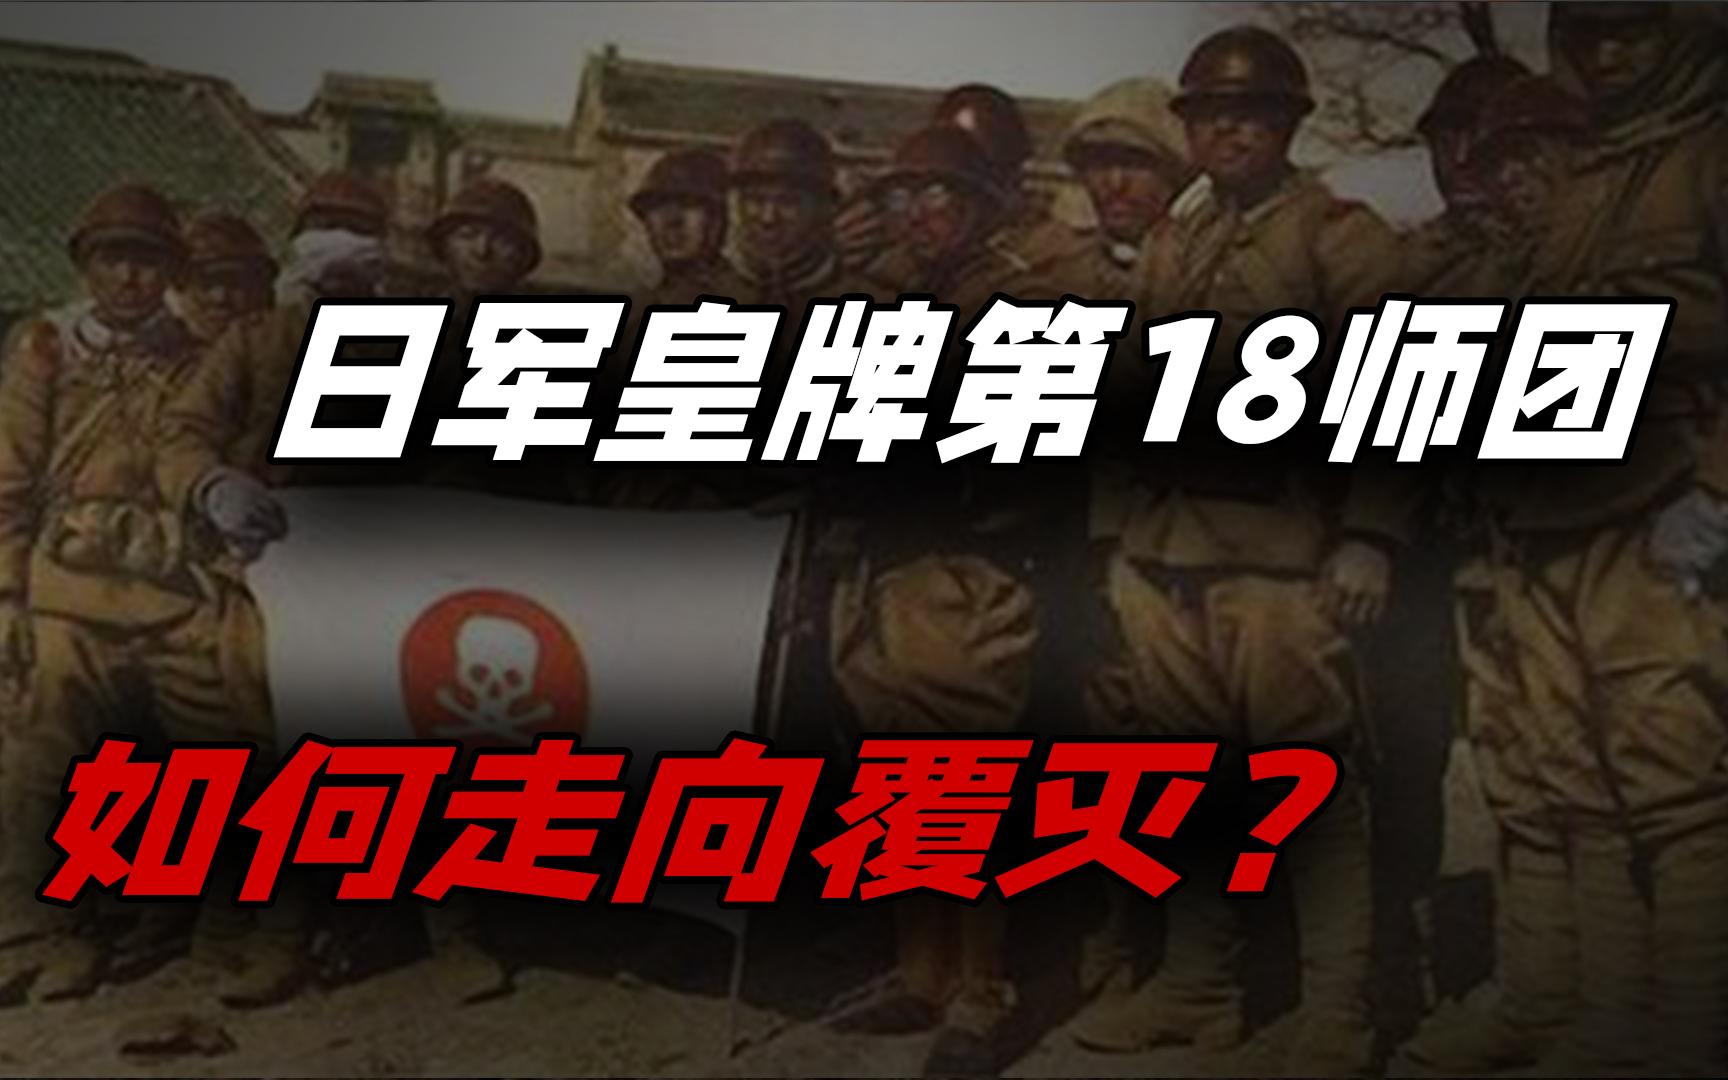 号称东南亚丛林恶魔,日军皇牌第18师团,如何走向覆灭?